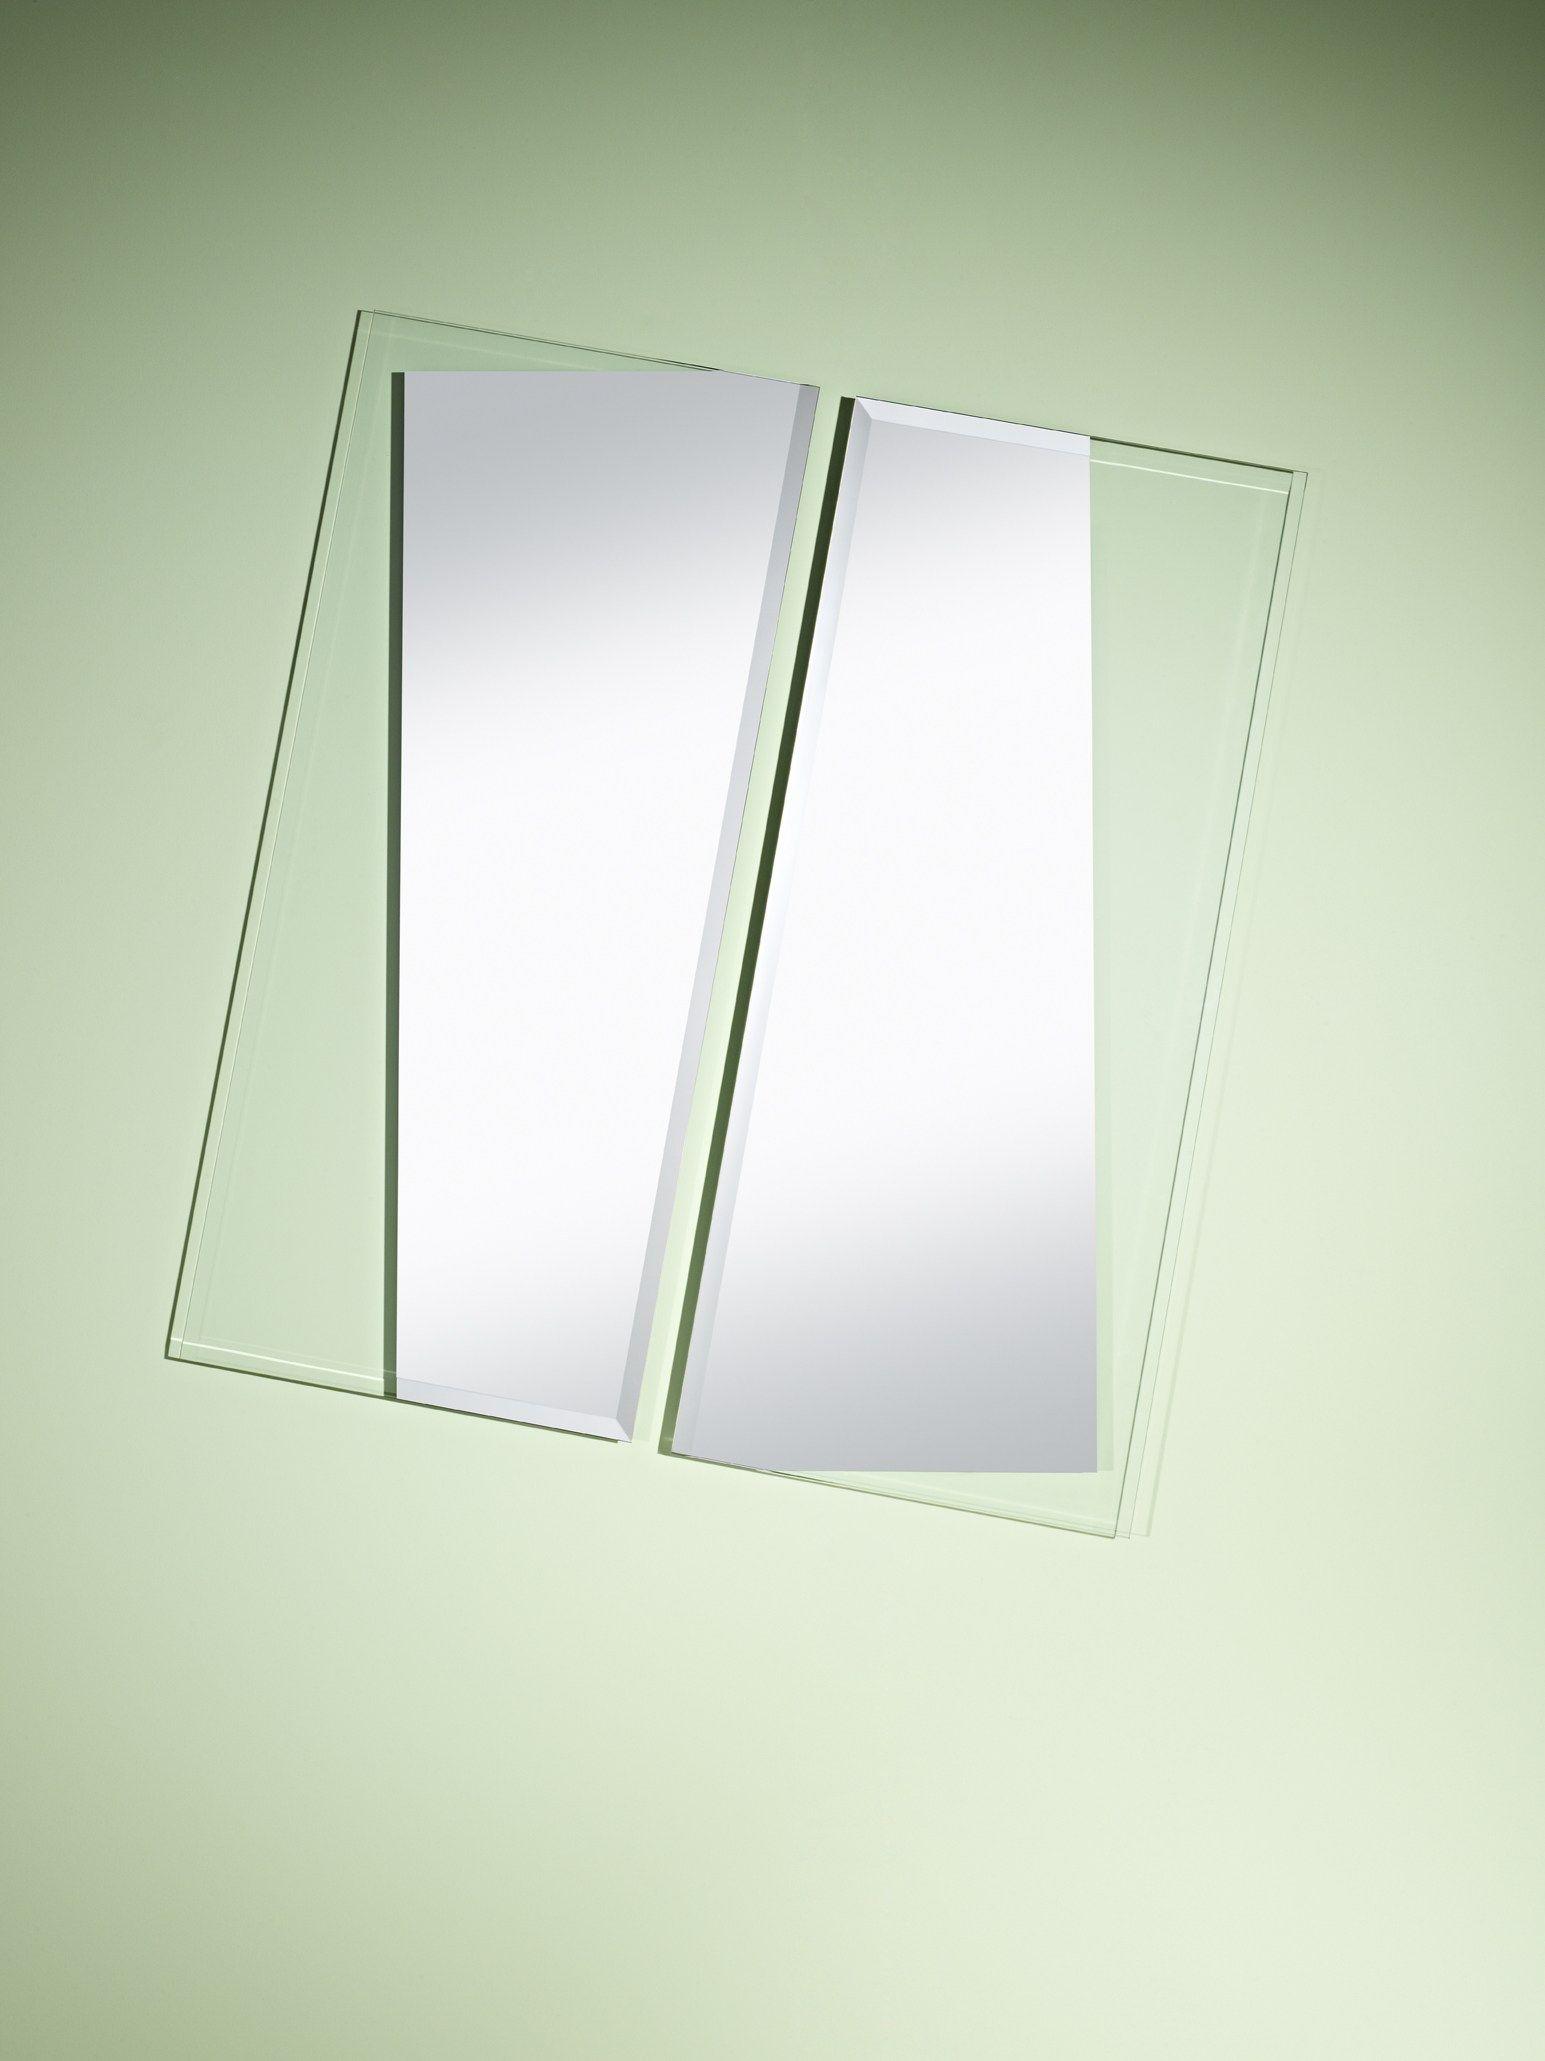 miroir rectangulaire mural de style contemporain eclat. Black Bedroom Furniture Sets. Home Design Ideas